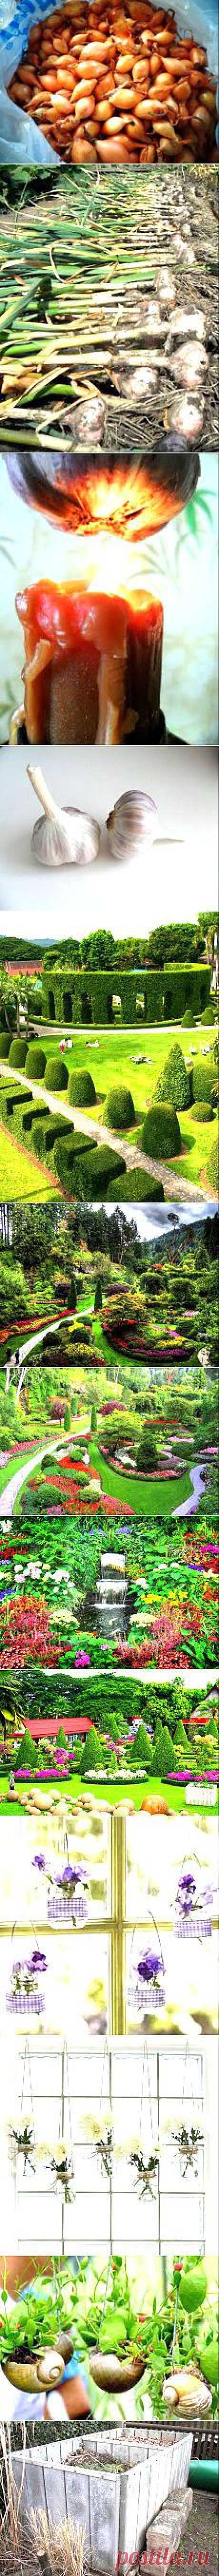 Сад и огород | Постила.ru